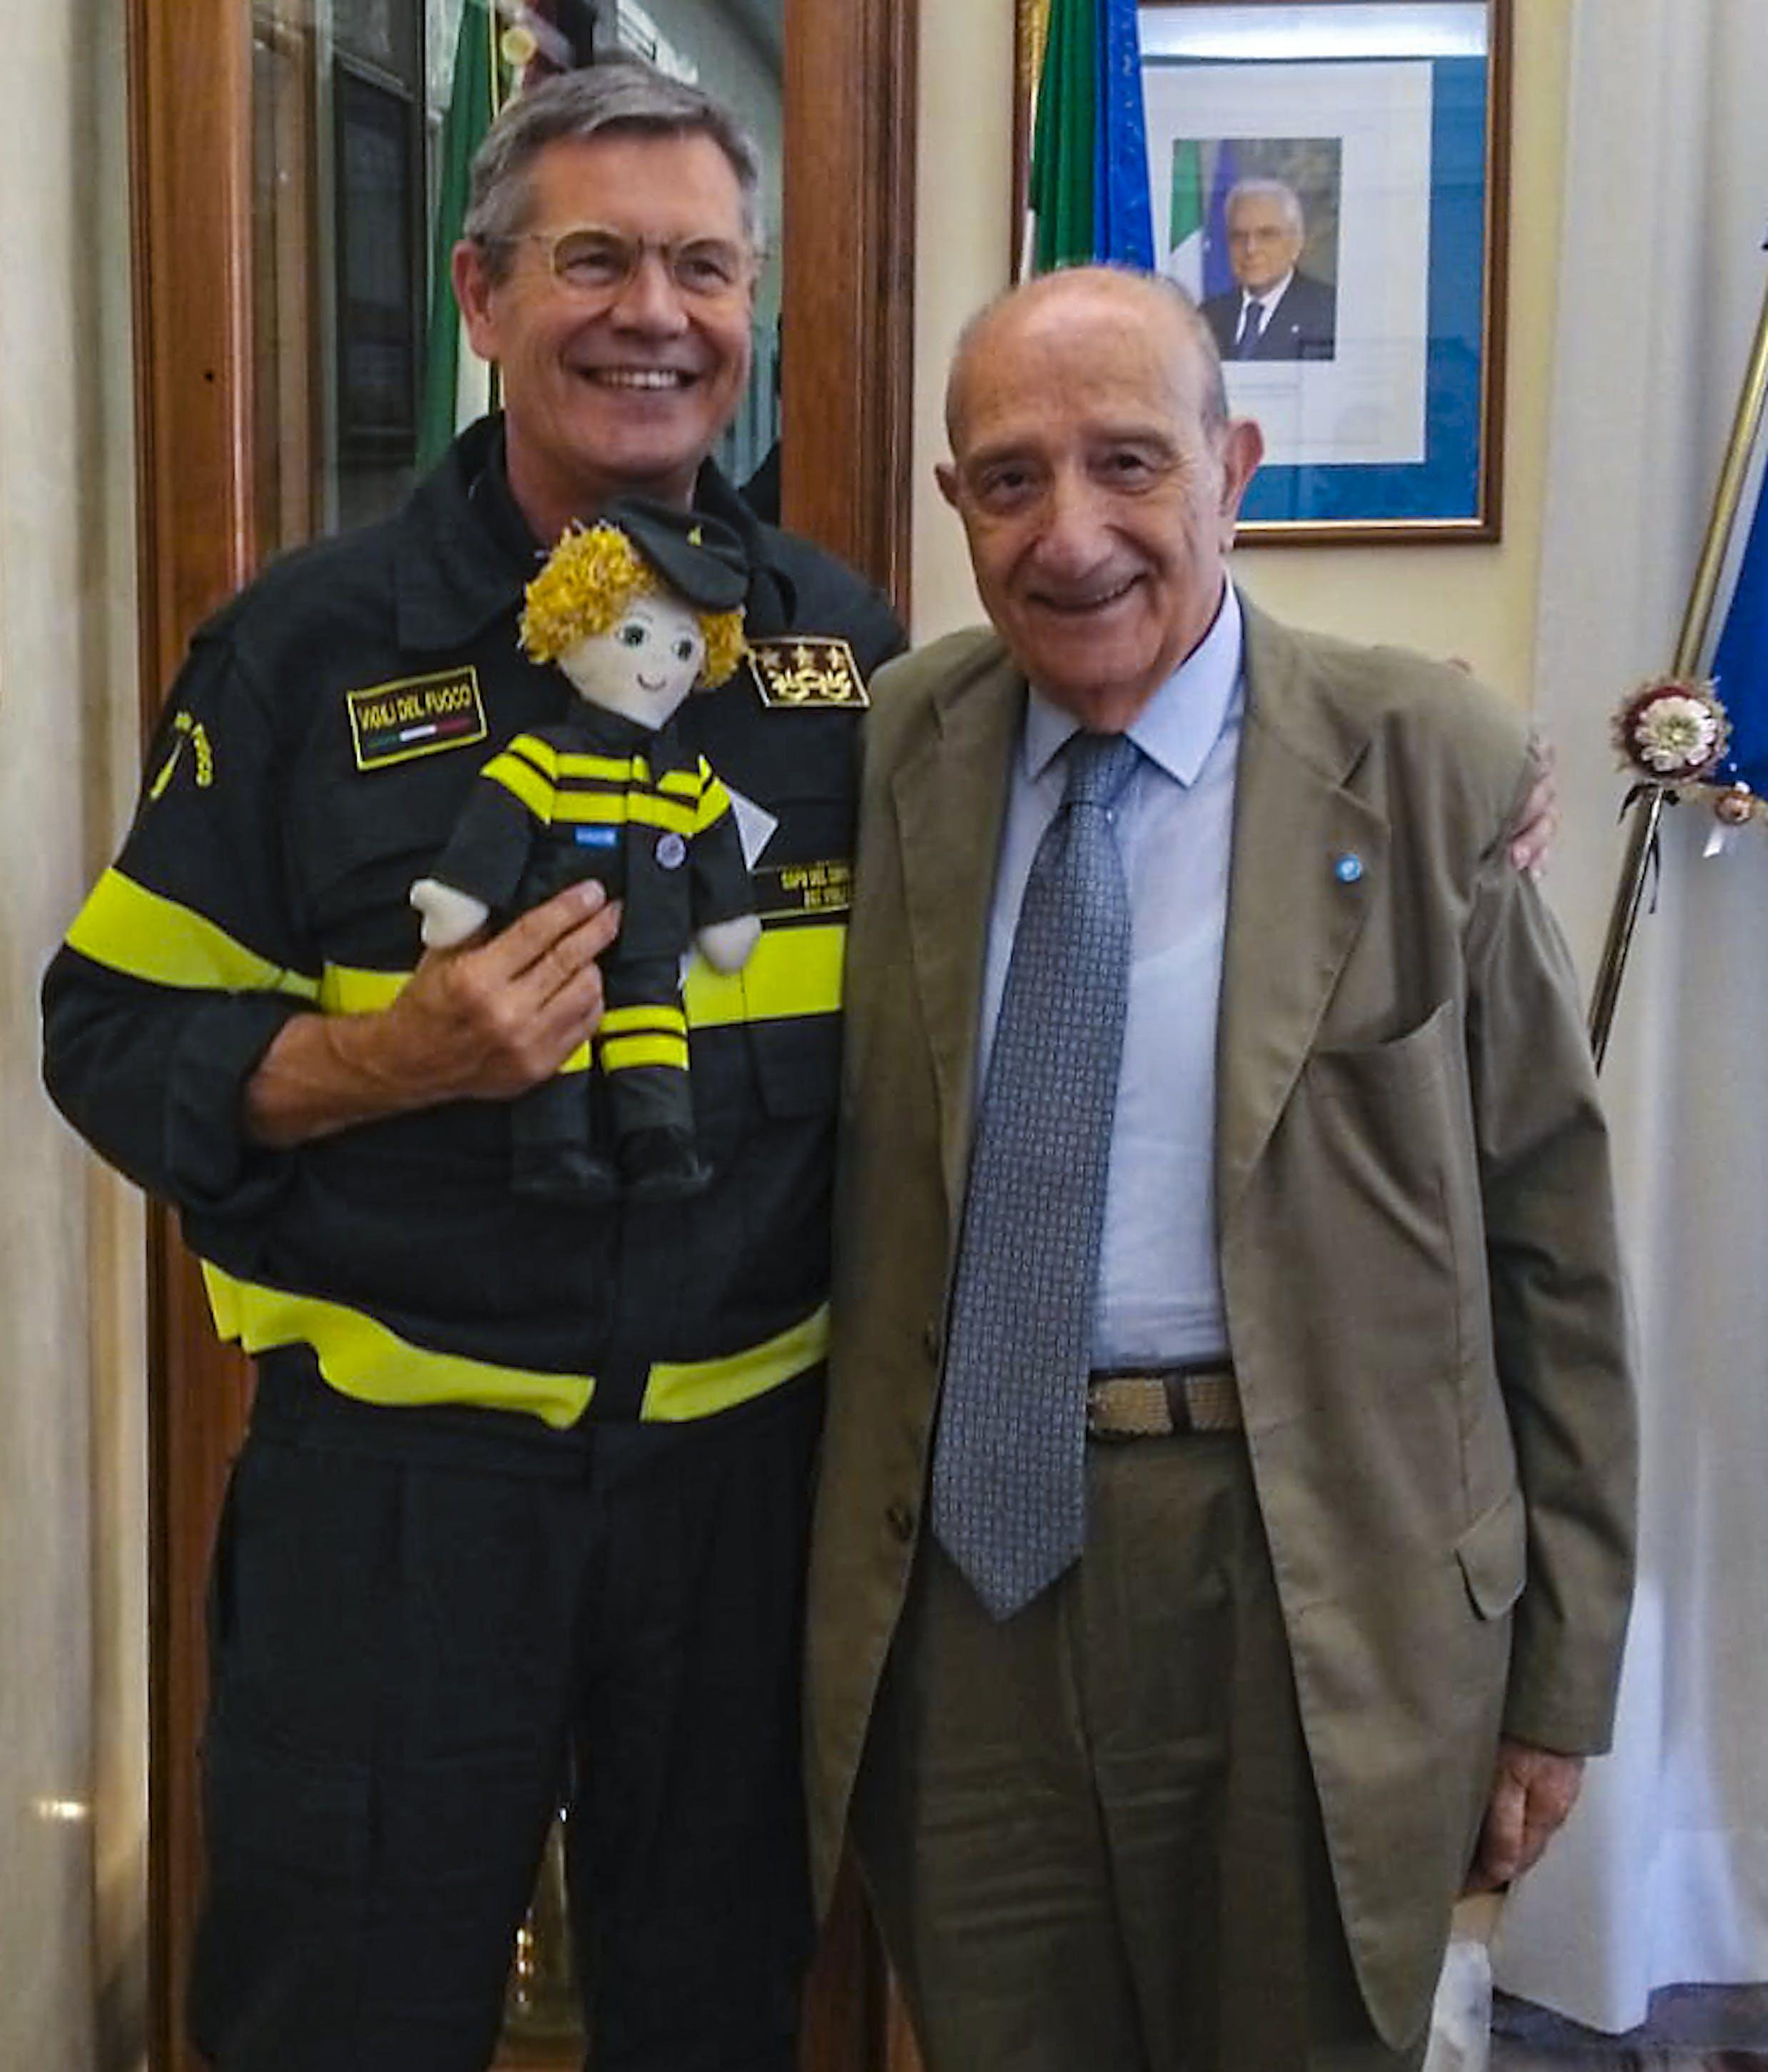 Il capo dei Vigili del Fuoco Fabio Dattilo con il presidente dell'UNICEF Italia Francesco Samengo